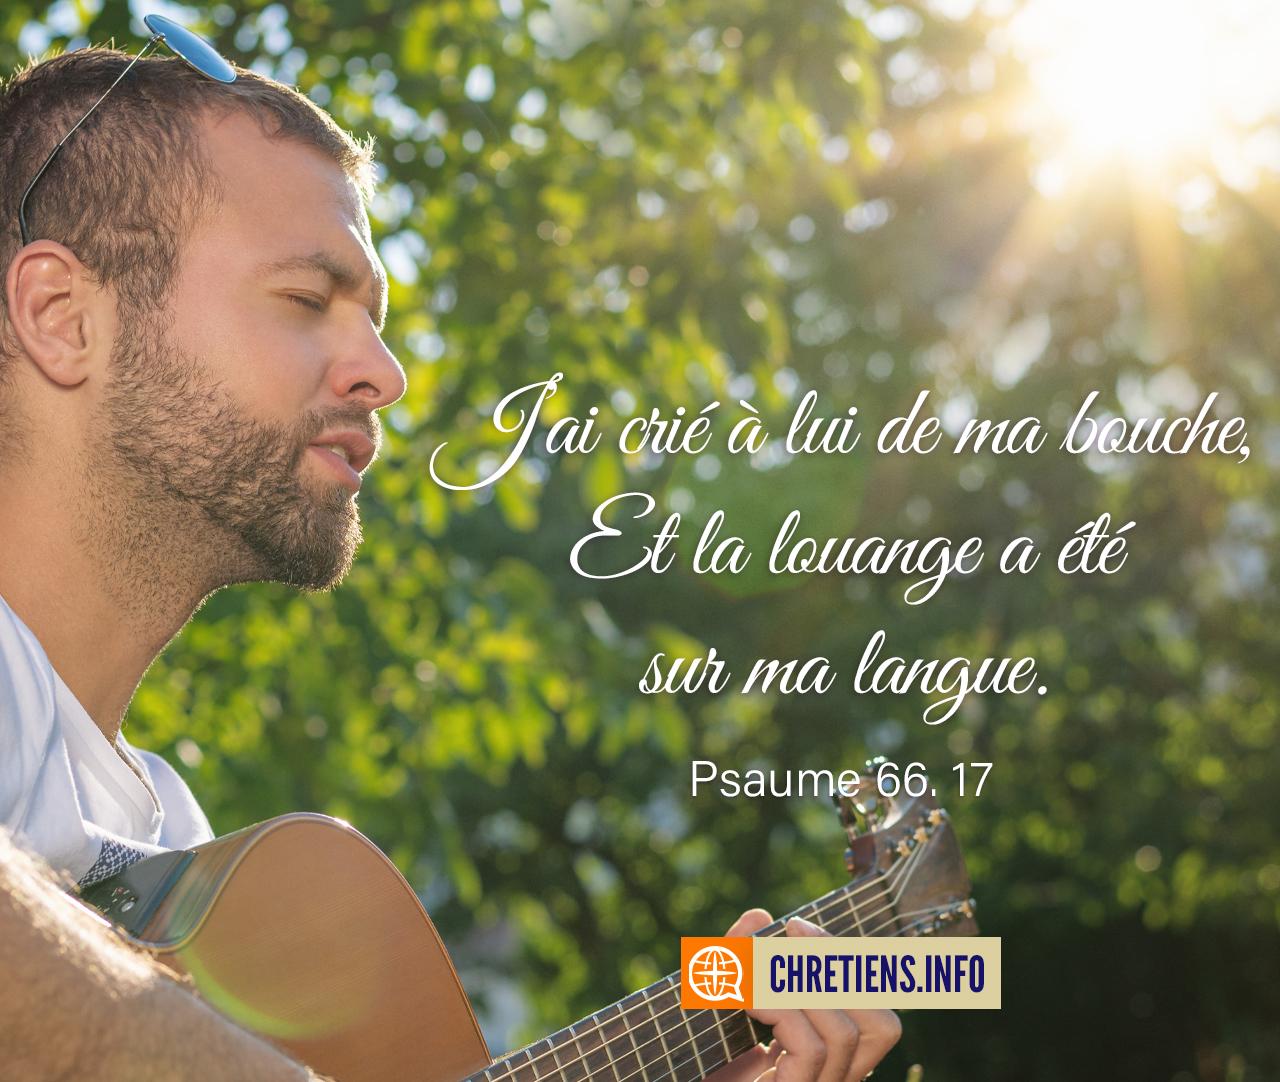 J'ai crié à lui de ma bouche, et la louange a été sur ma langue. Psaumes 66:17